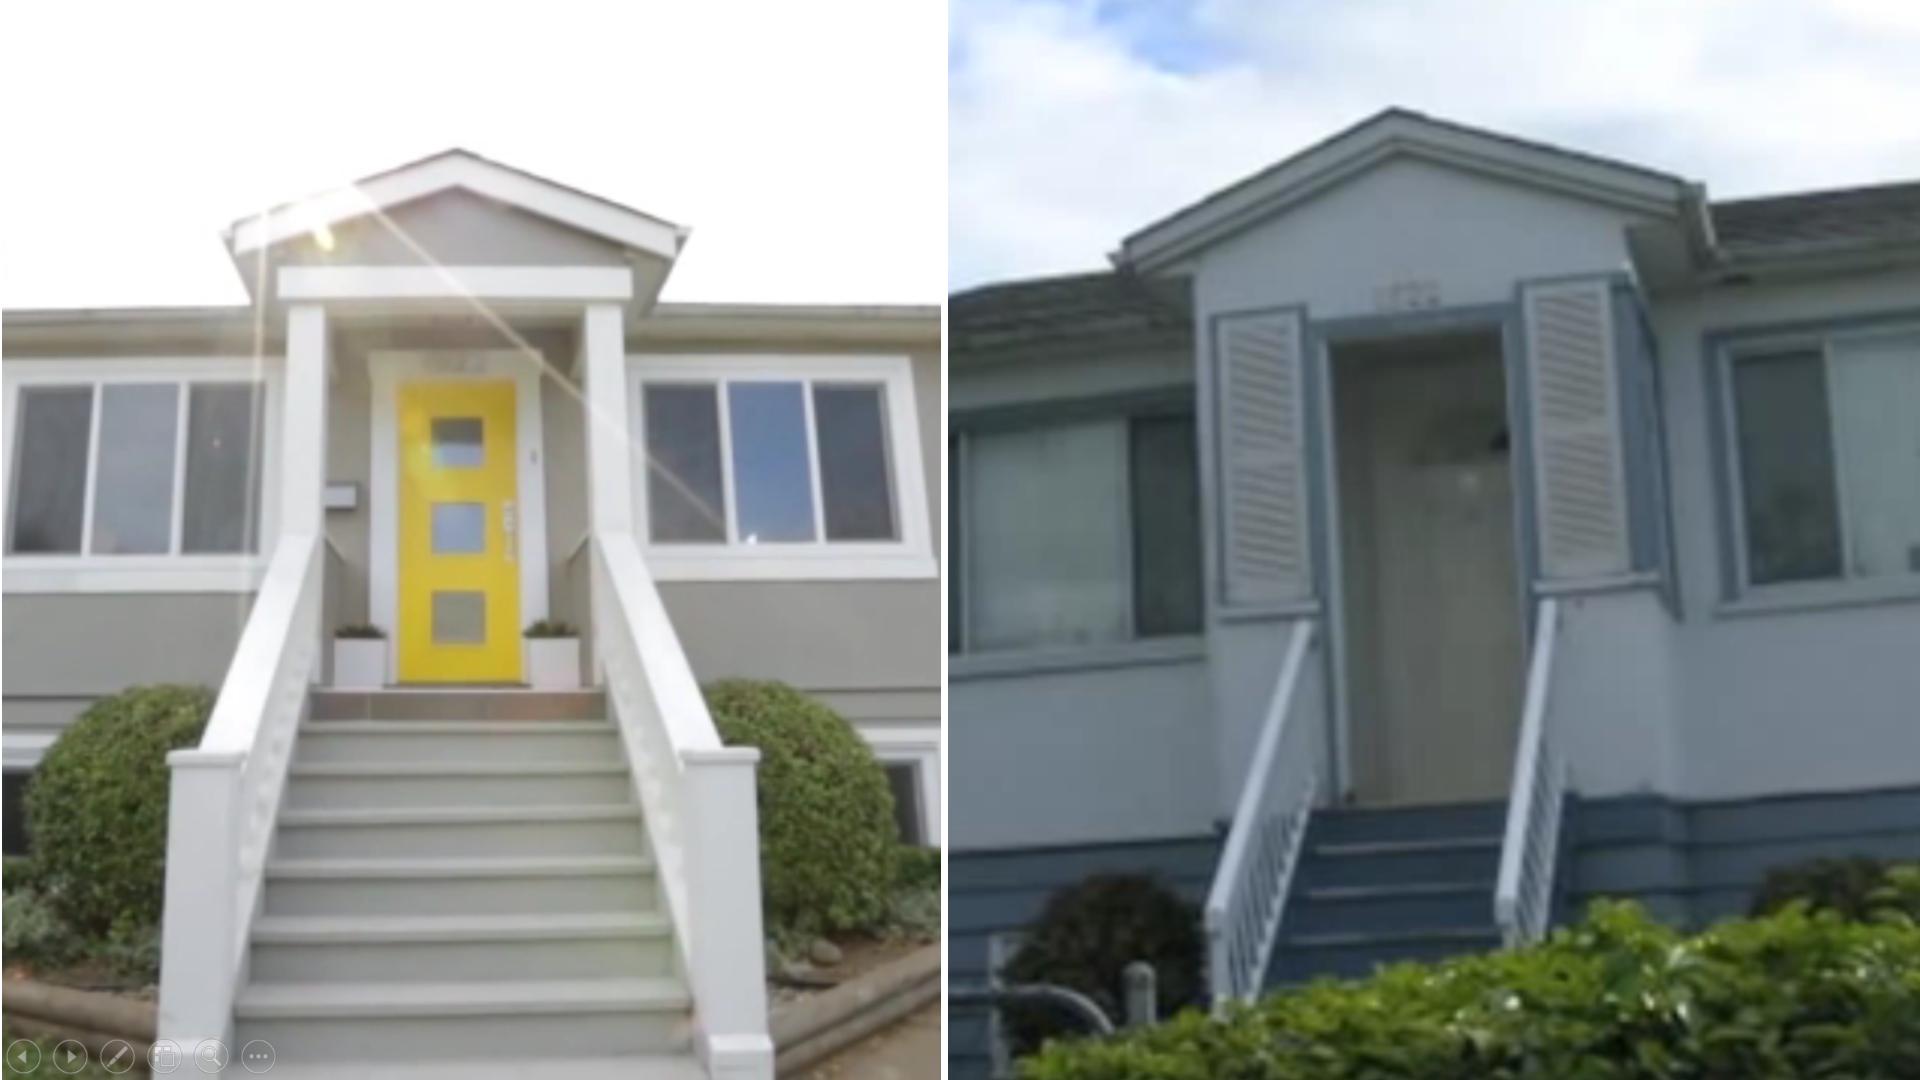 1 / 1 – 직선형 하우스 구조 - 캐나다 주택 (1).png